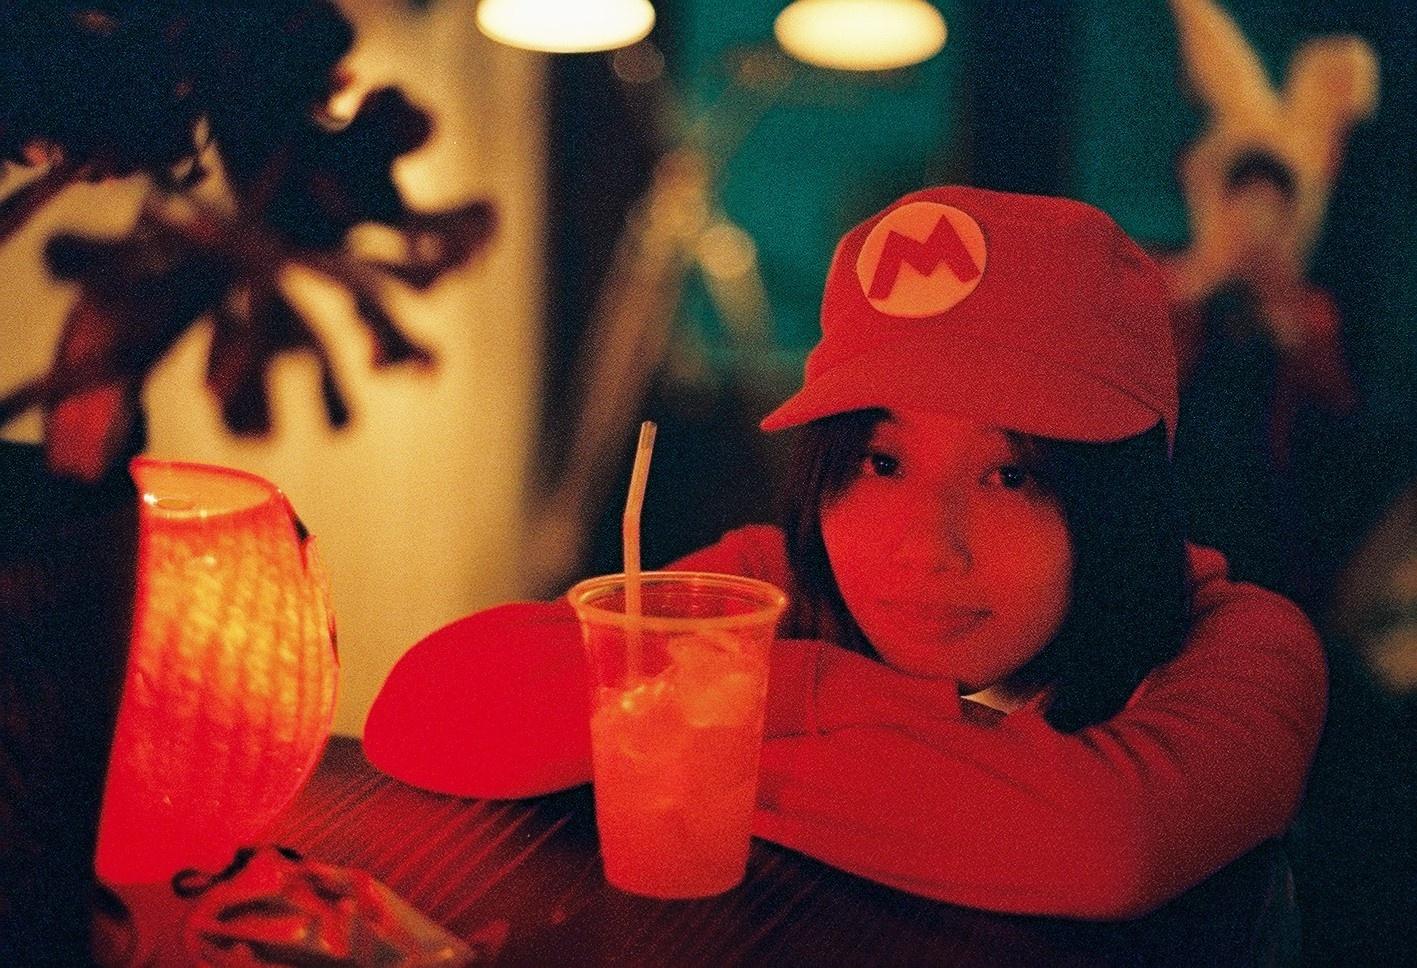 junichiro kano・写真は記憶の記録